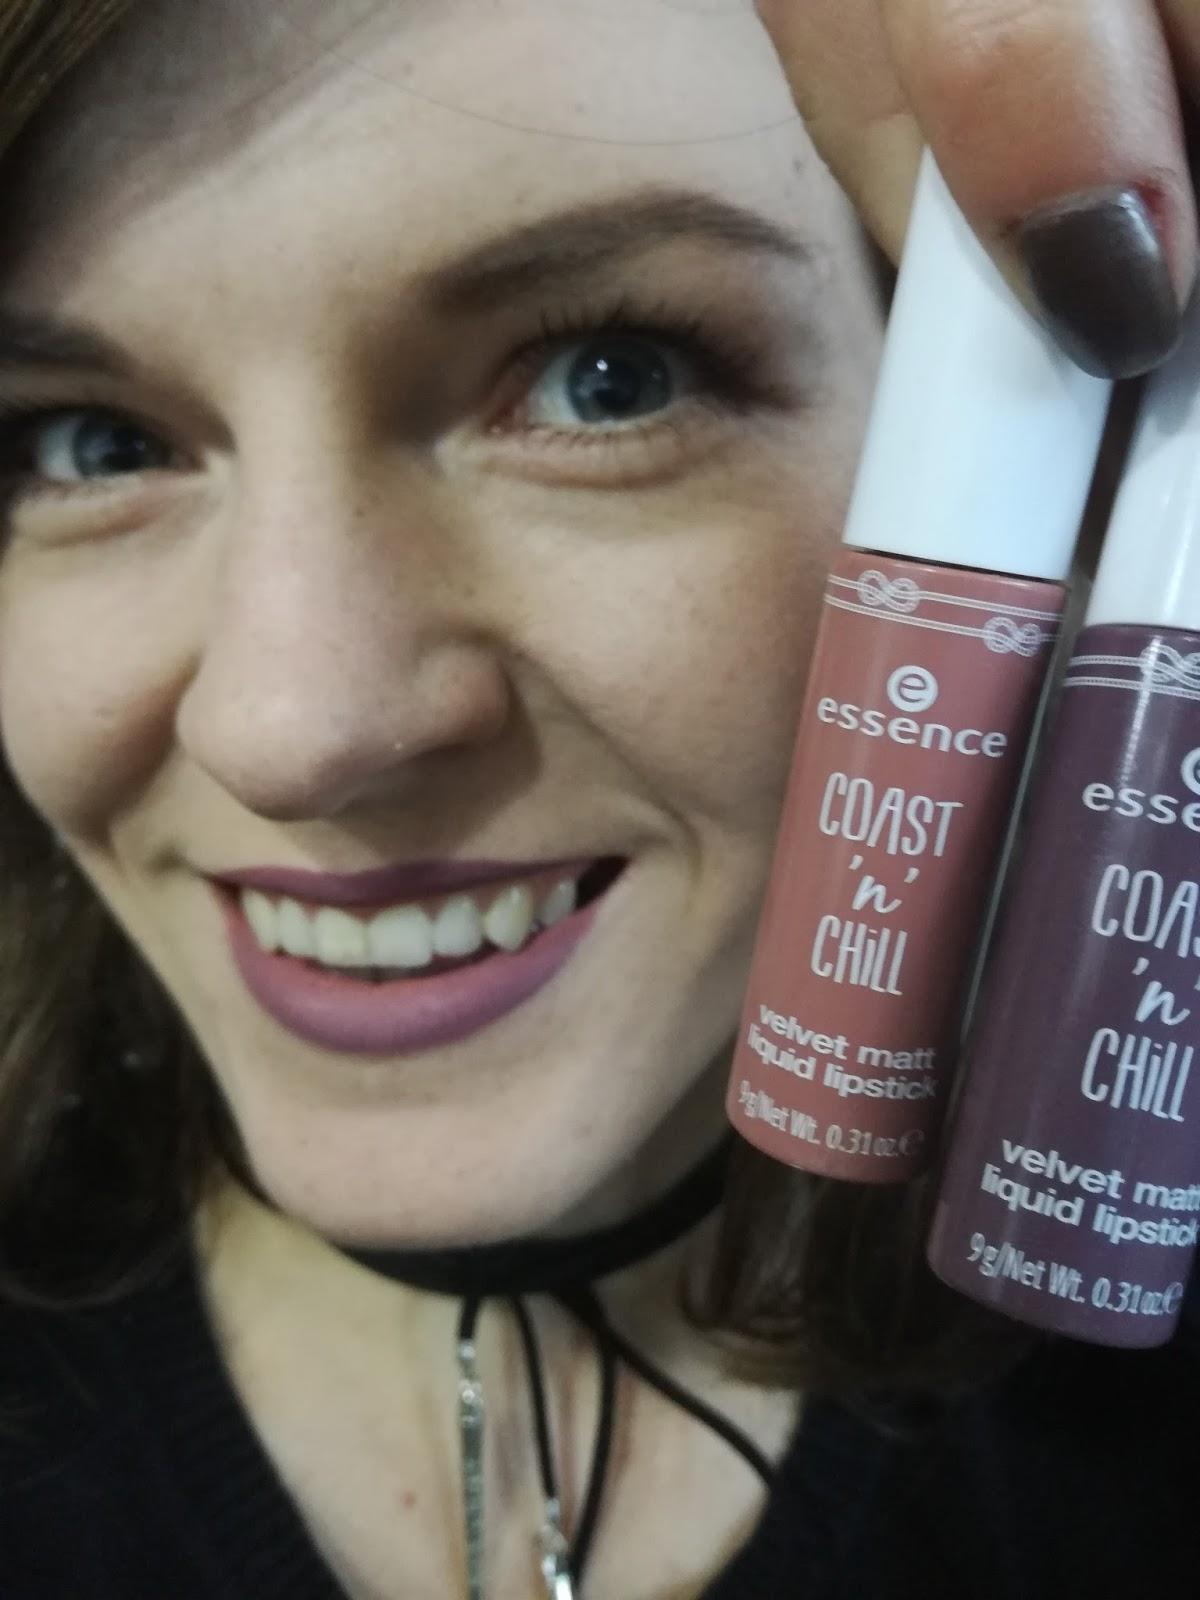 essence-coast-n-chill-velvet-matt-liquid-lipsticks